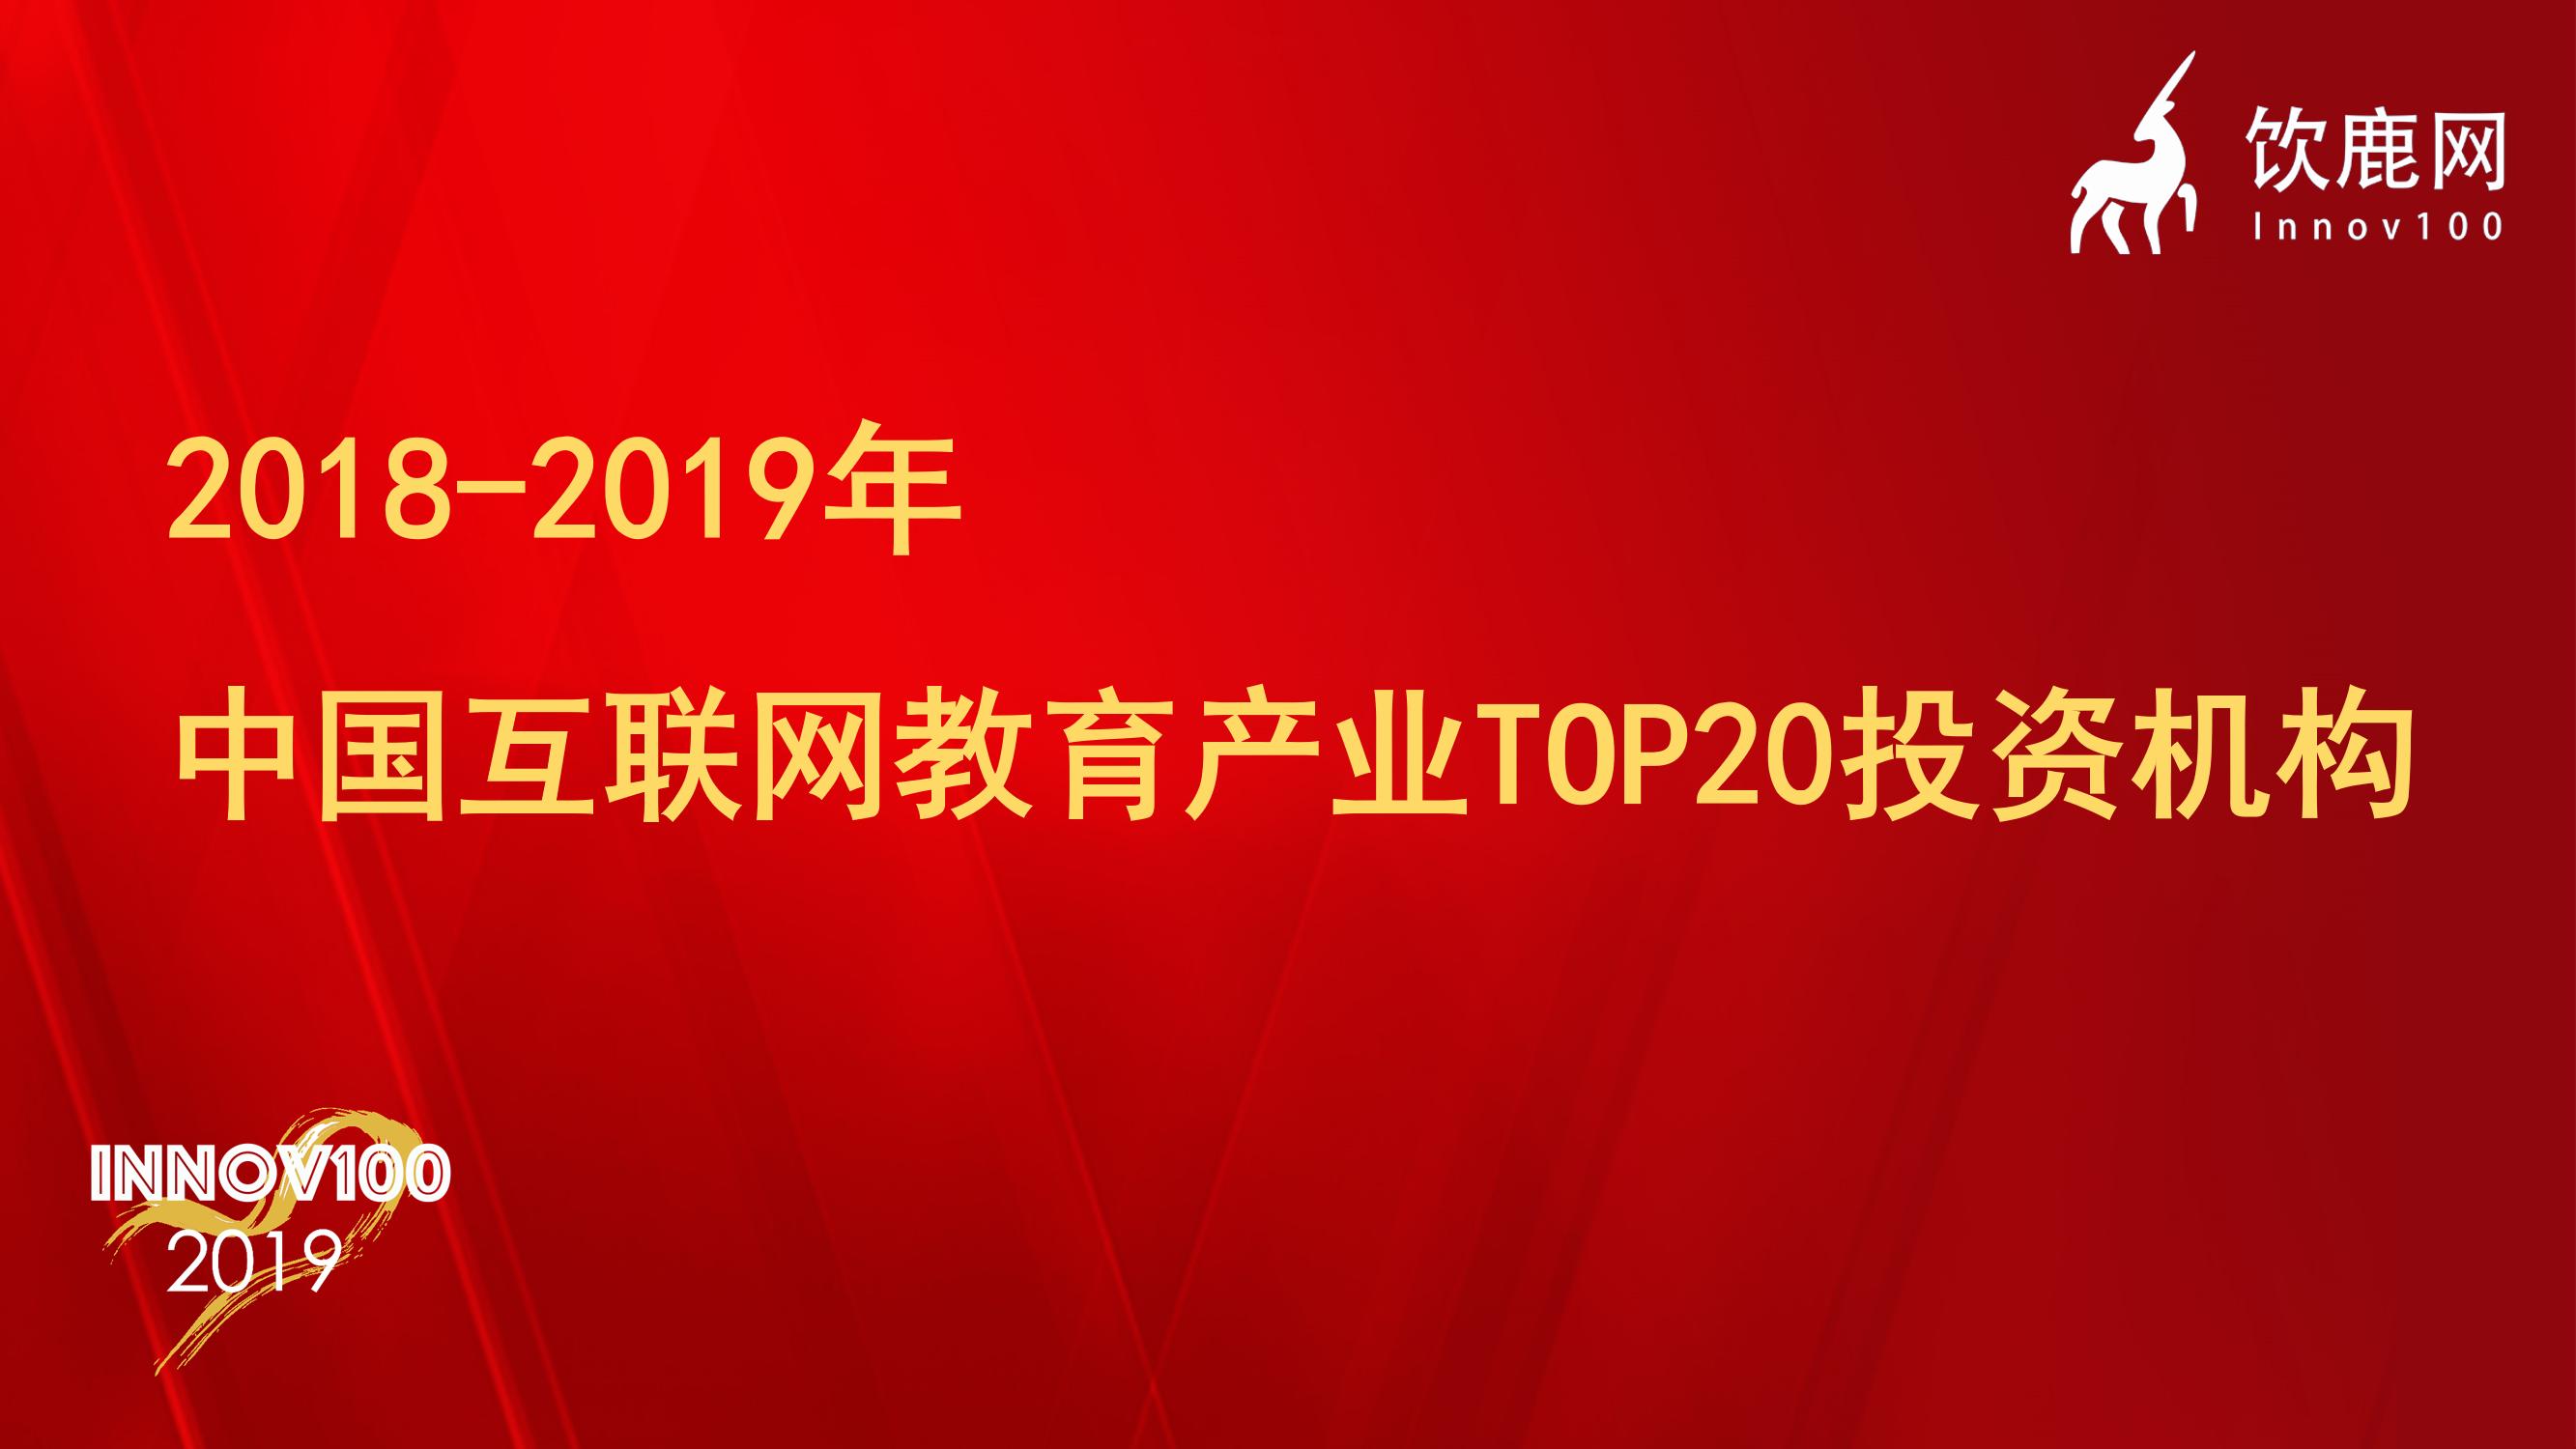 饮鹿网2018-2019年中国互联网教育产业TOP20投资机构榜单发布!